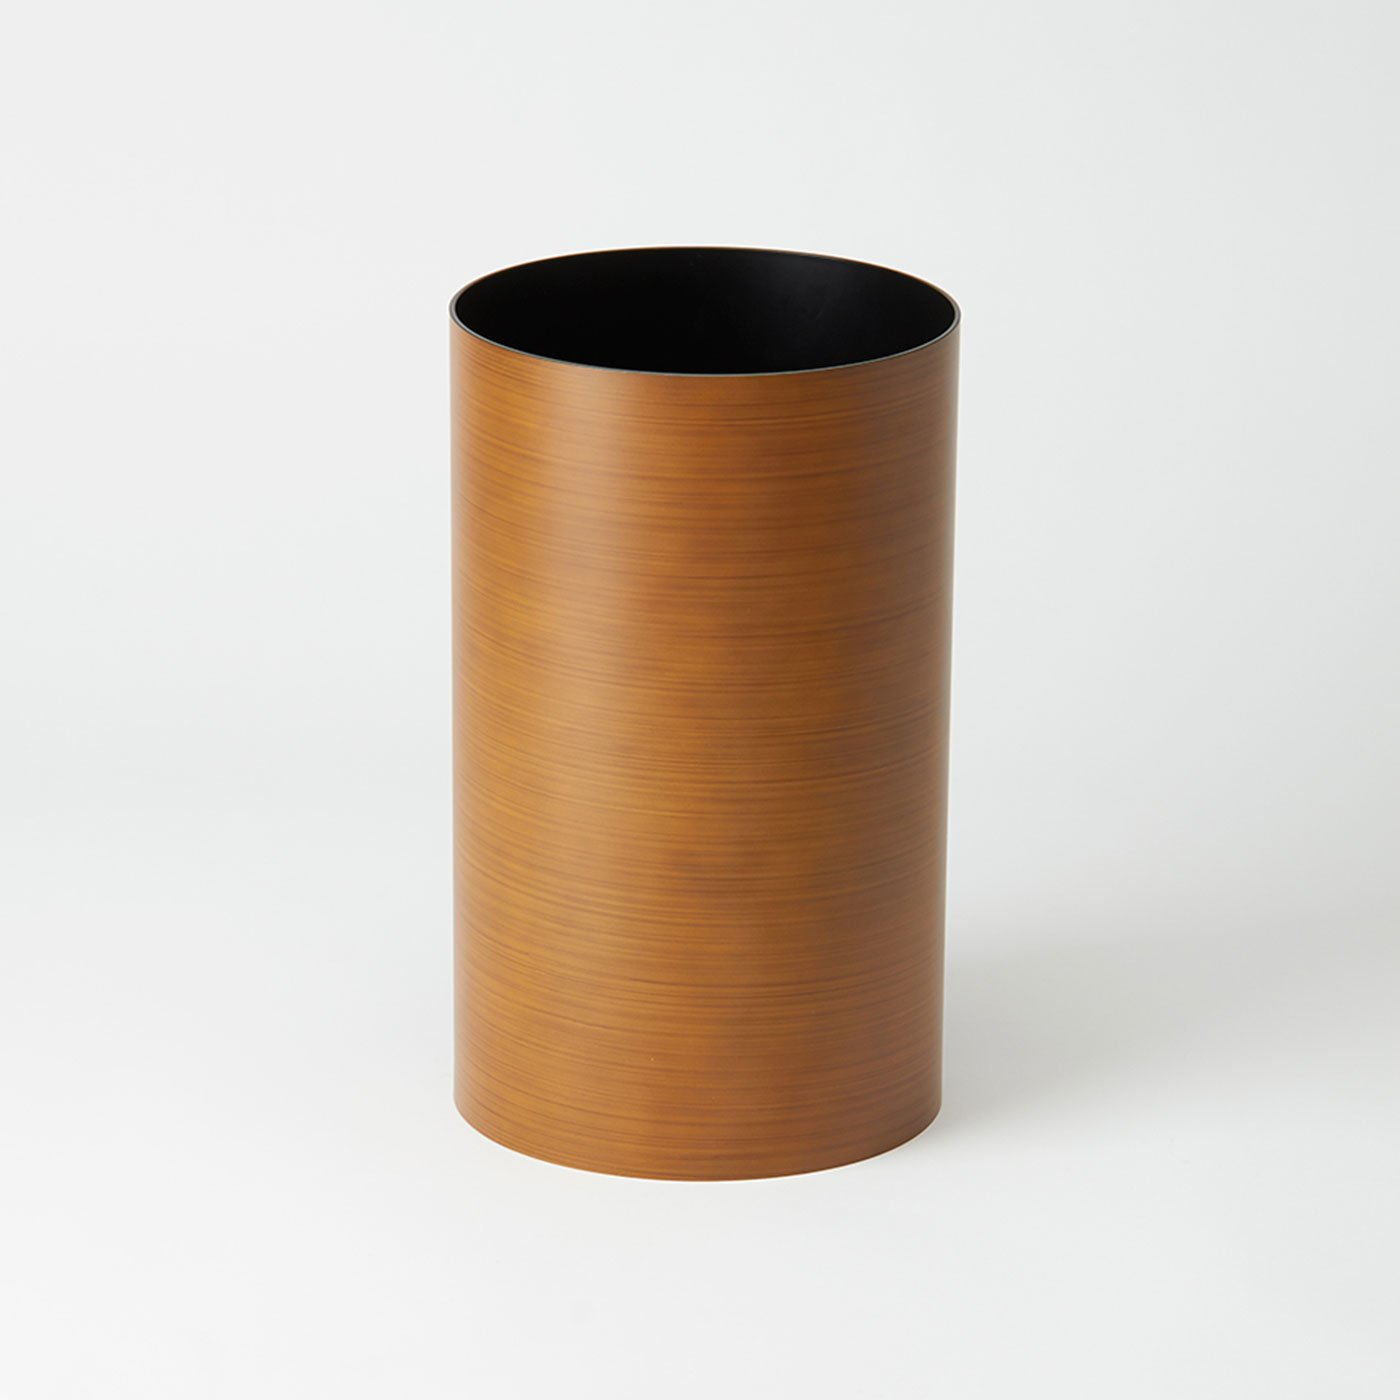 インテリアになじむ職人の木目塗り ダストボックスLL